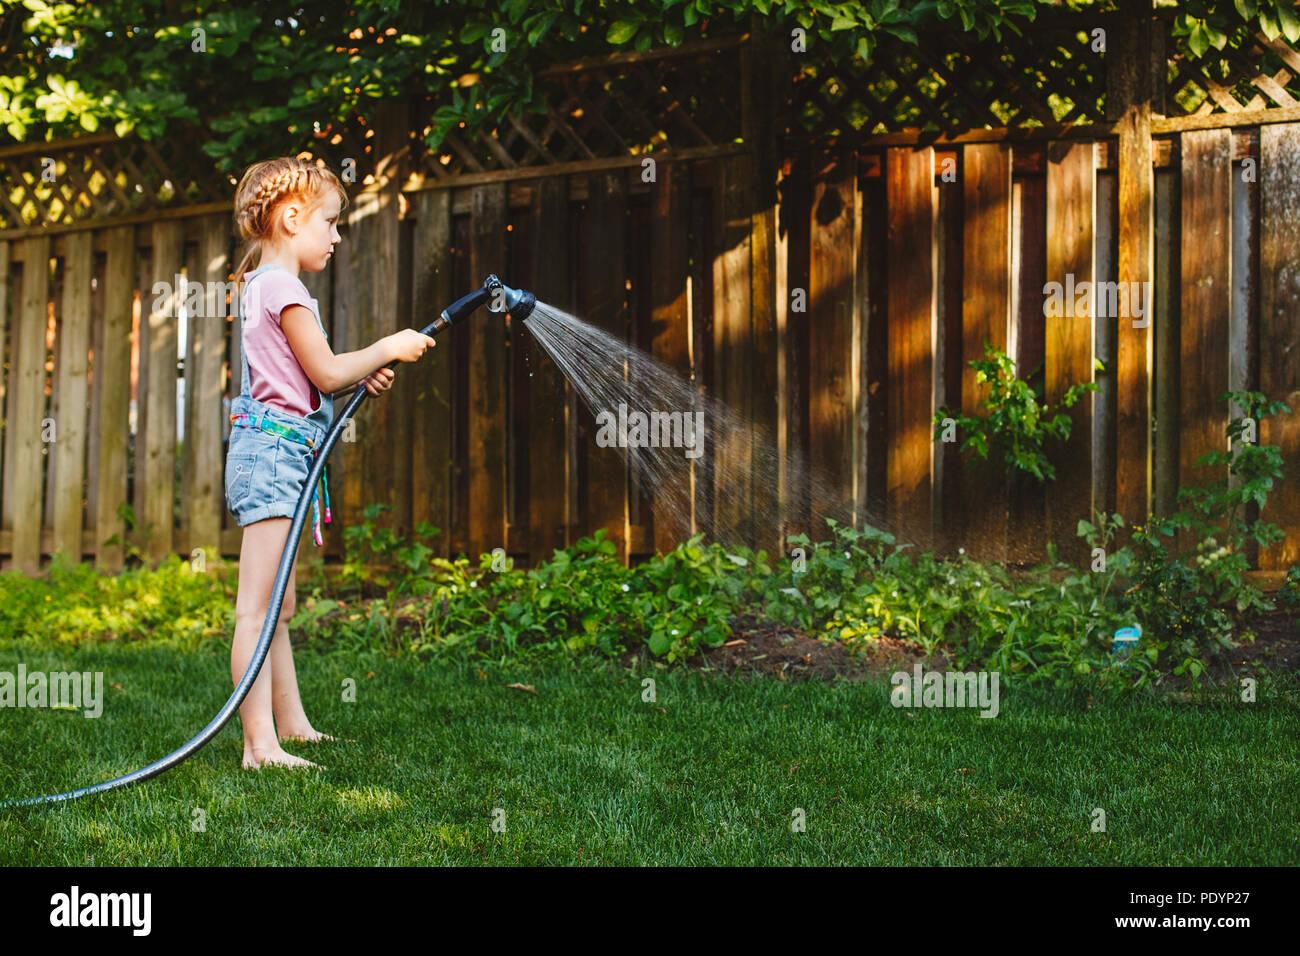 Summer Gardening Job Stock Photos & Summer Gardening Job Stock ...